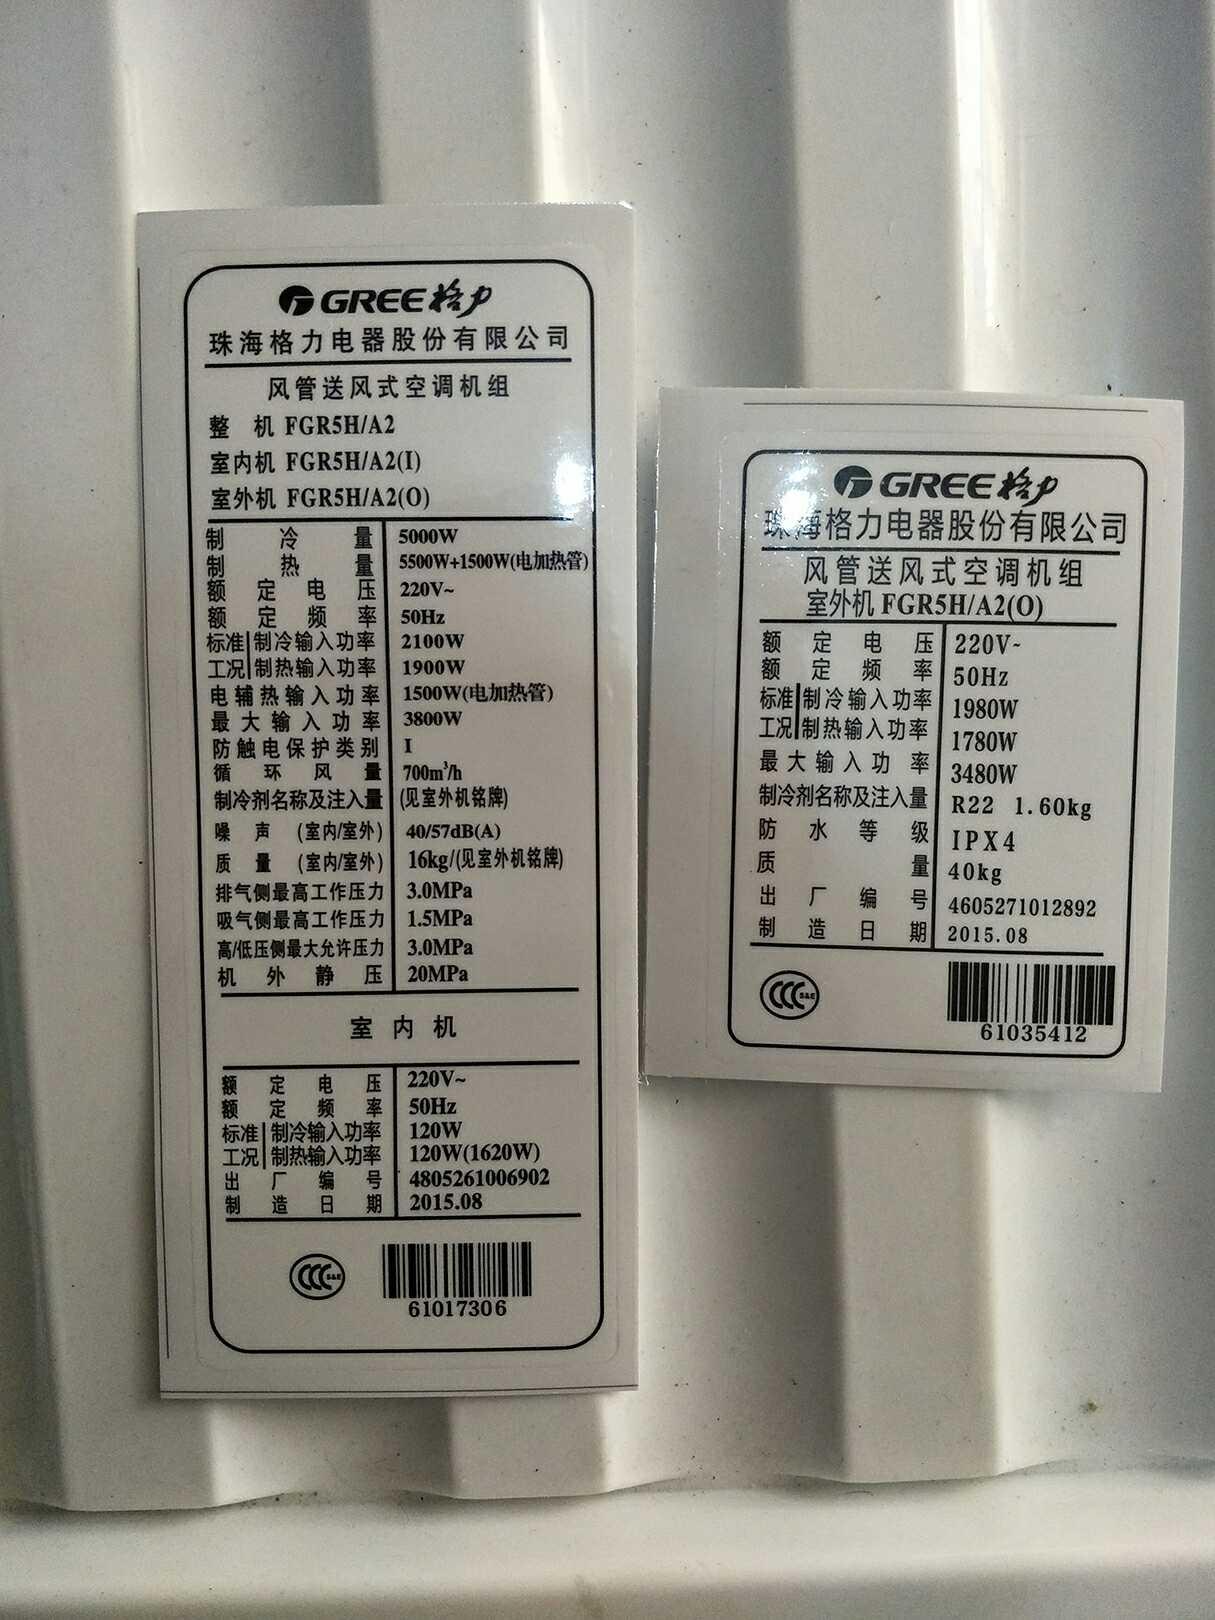 GREE - Air - Maschine innerhalb und außerhalb der Maschine parameter ALS energiespar - klimaanlage auf energieeffizienz aufkleber.